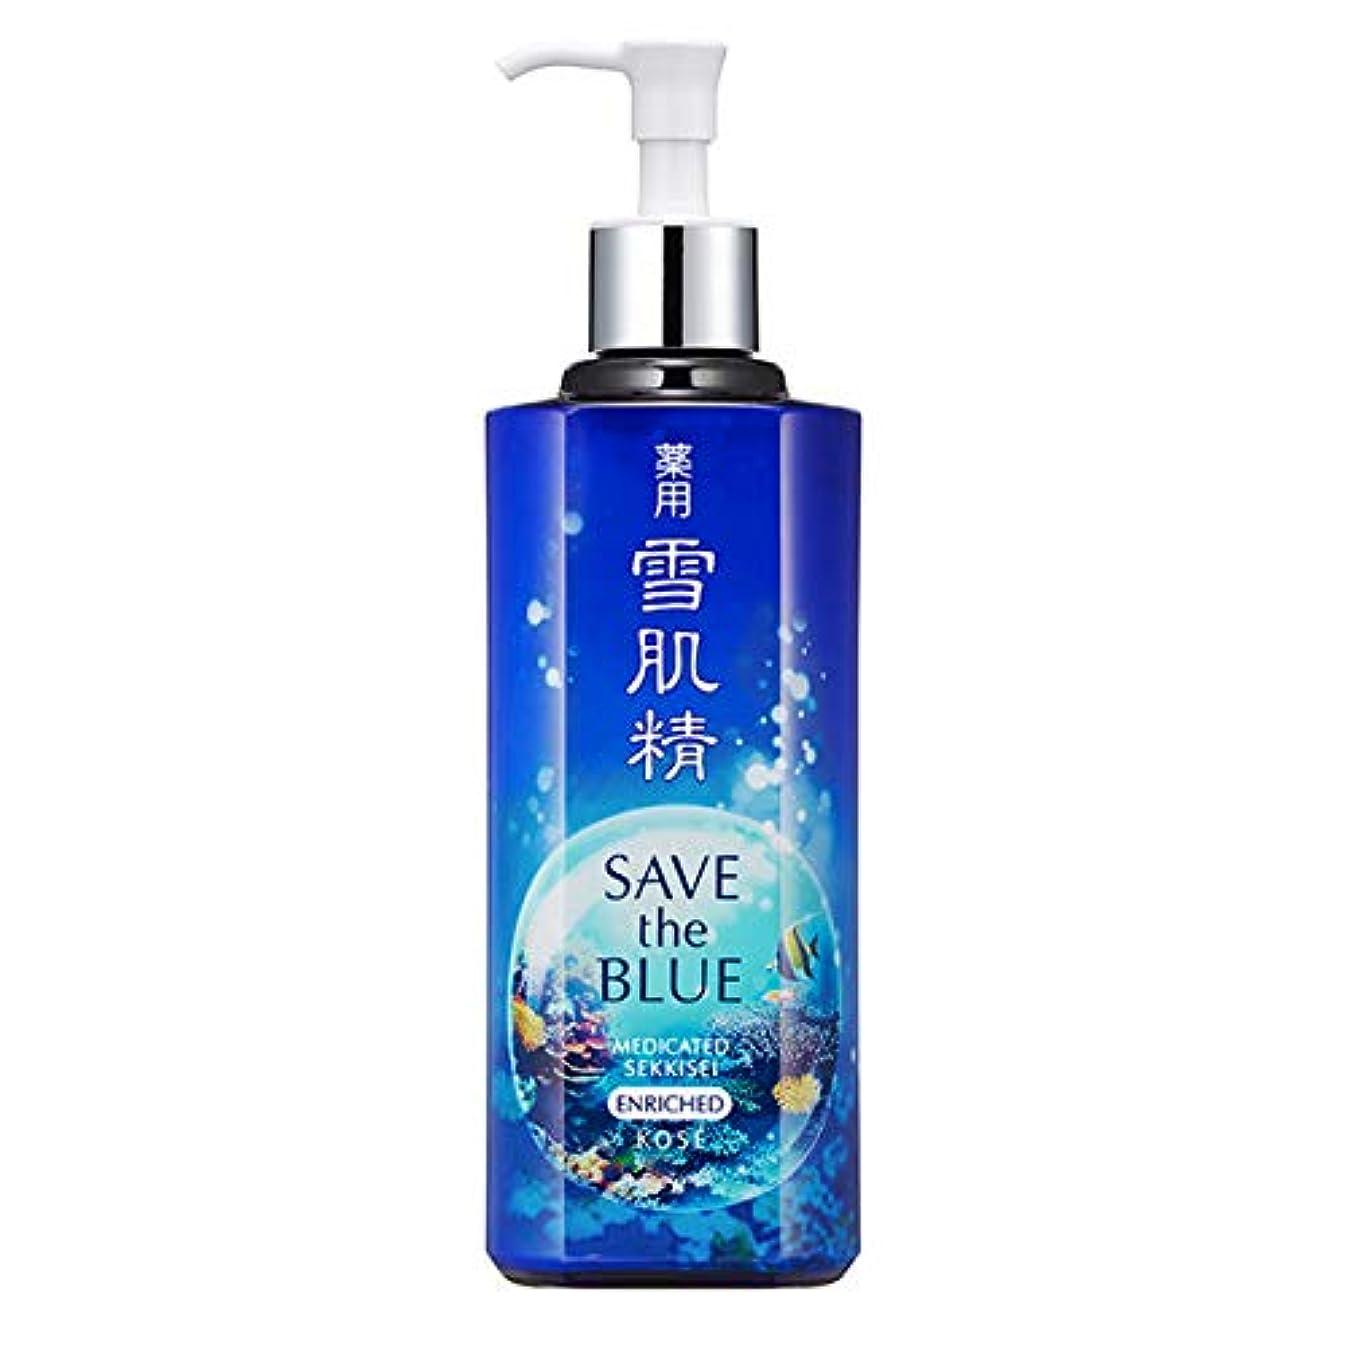 マリナー再開靄コーセー 雪肌精 エンリッチ 「SAVE the BLUE」デザインボトル(しっとりタイプ) 500ml